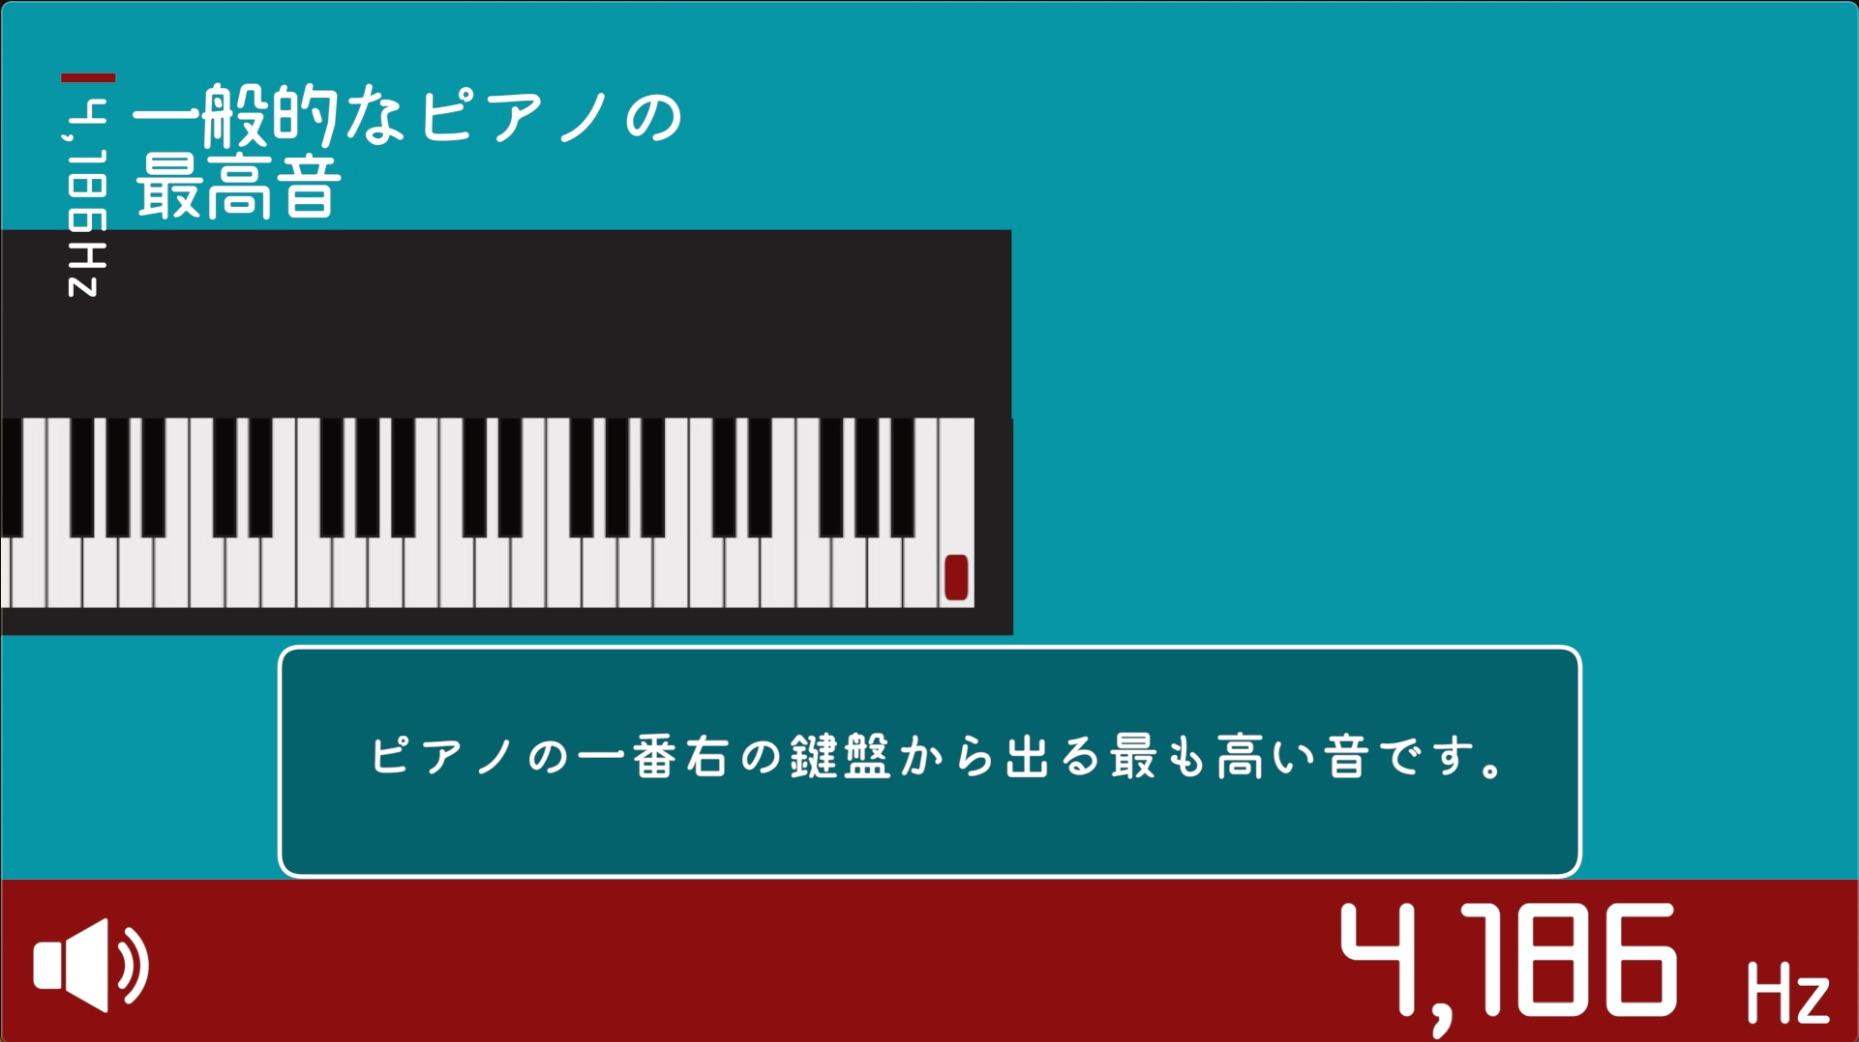 ピアノ高音